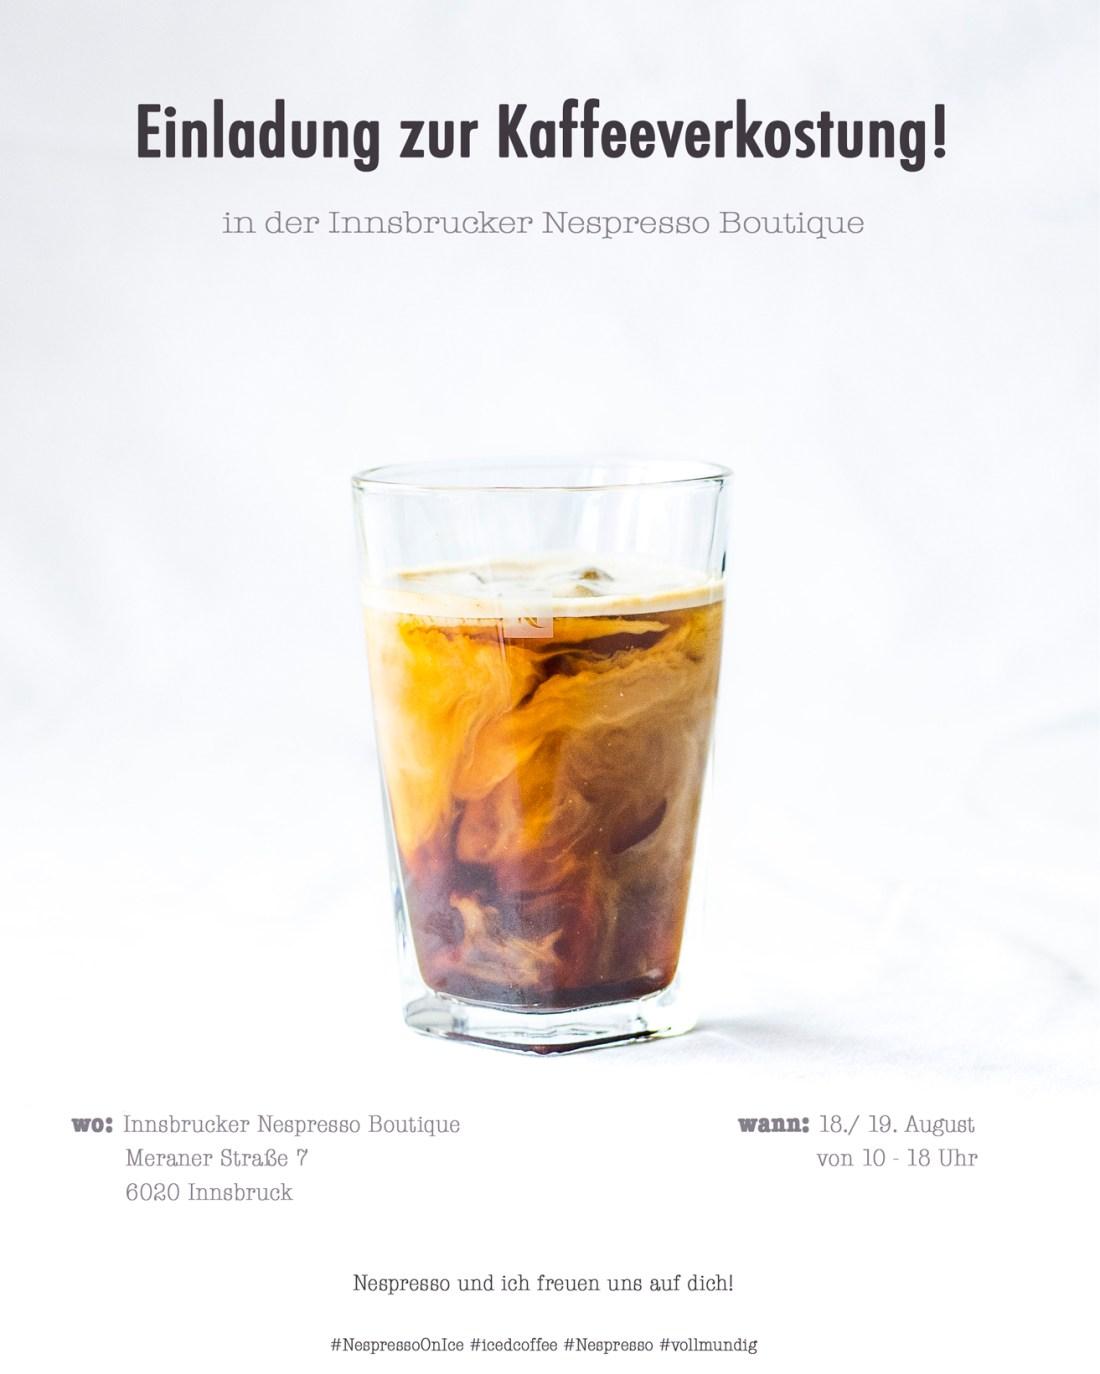 nespresso_iced_coffee-einladung